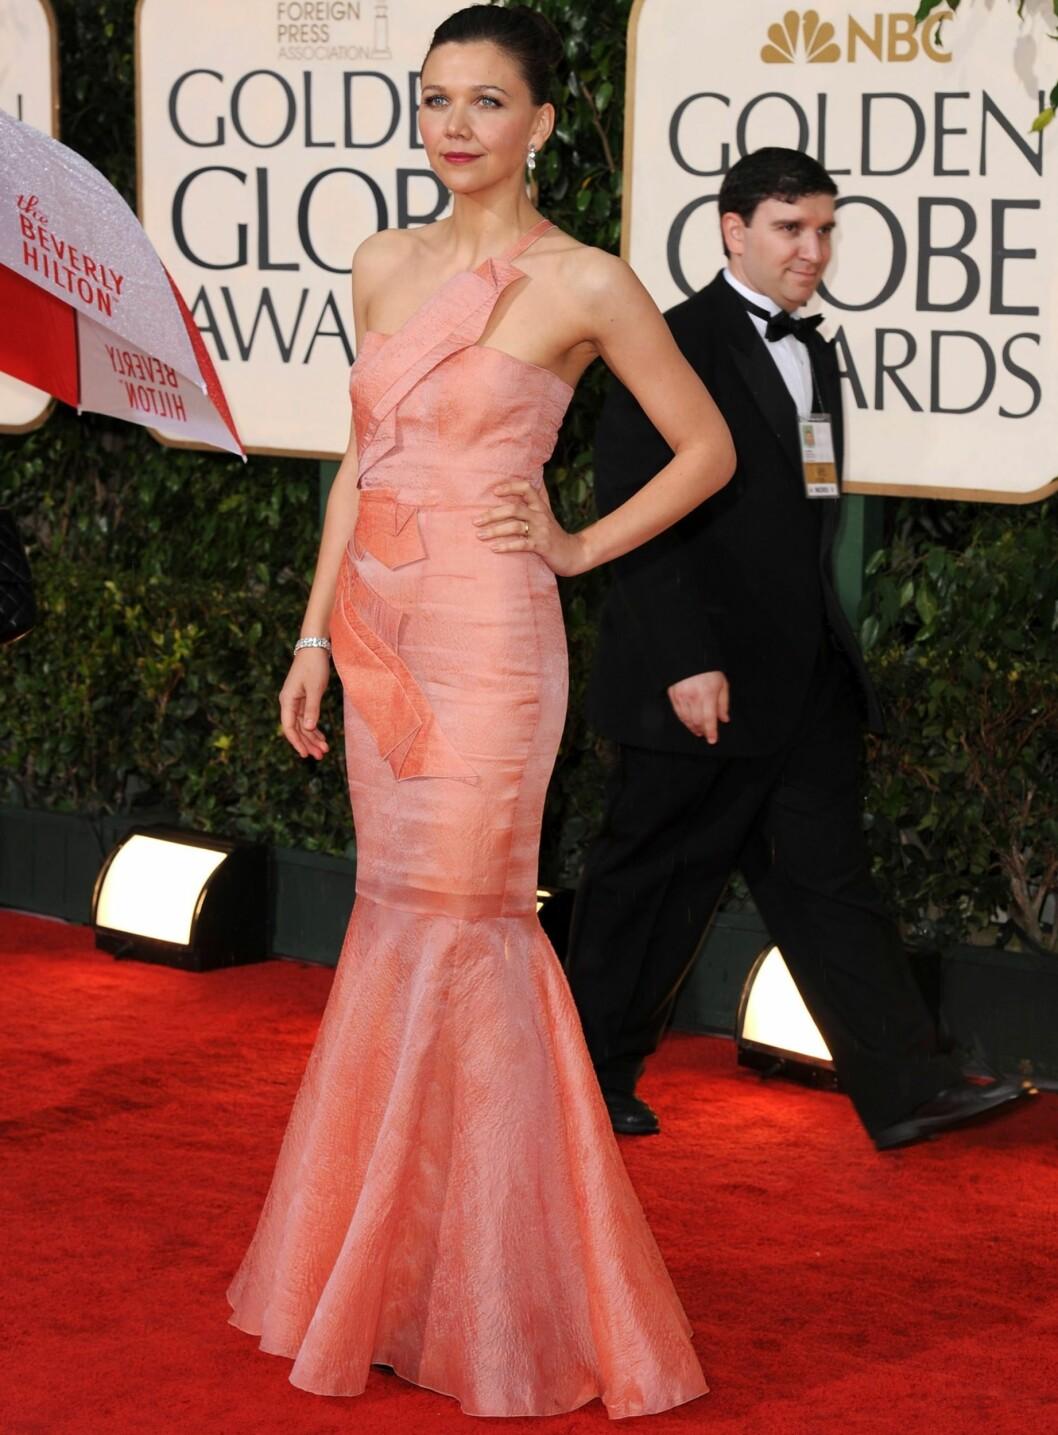 <strong>FAVORITT:</strong> På Golden Globe-utdelingen imponerte hun med denne havfruekjolen. Kan Maggie Gyllenhaal bli best kledd igjen? Foto: All Over Press